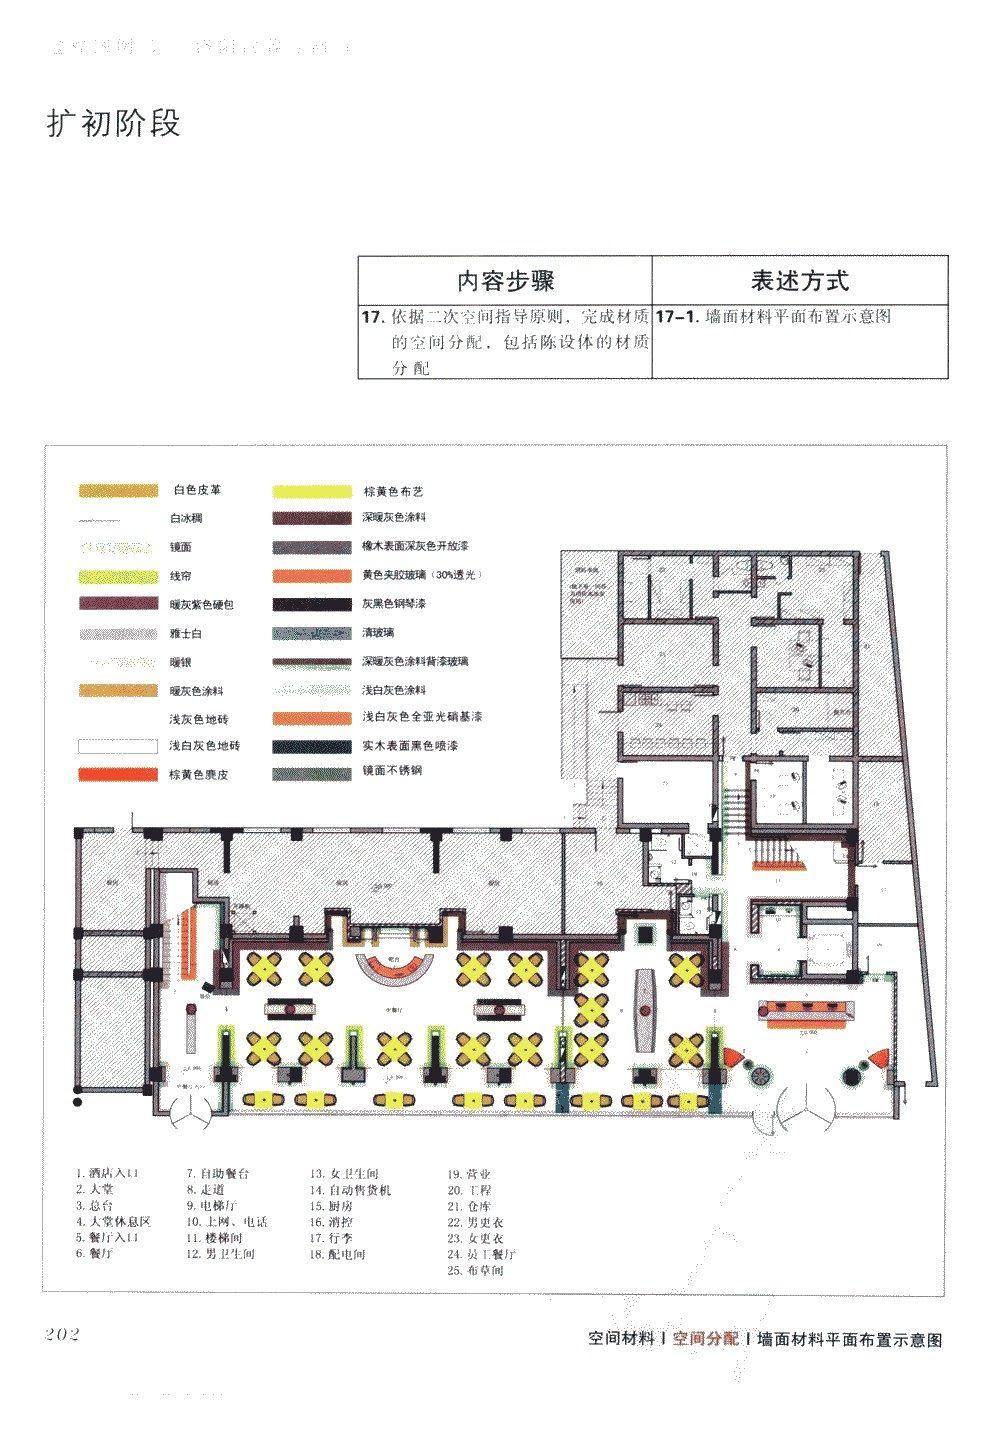 室内设计纲要++概念思考与过程表达_室内设计纲要  概念思考与过程表达_1297982..._页面_210.jpg